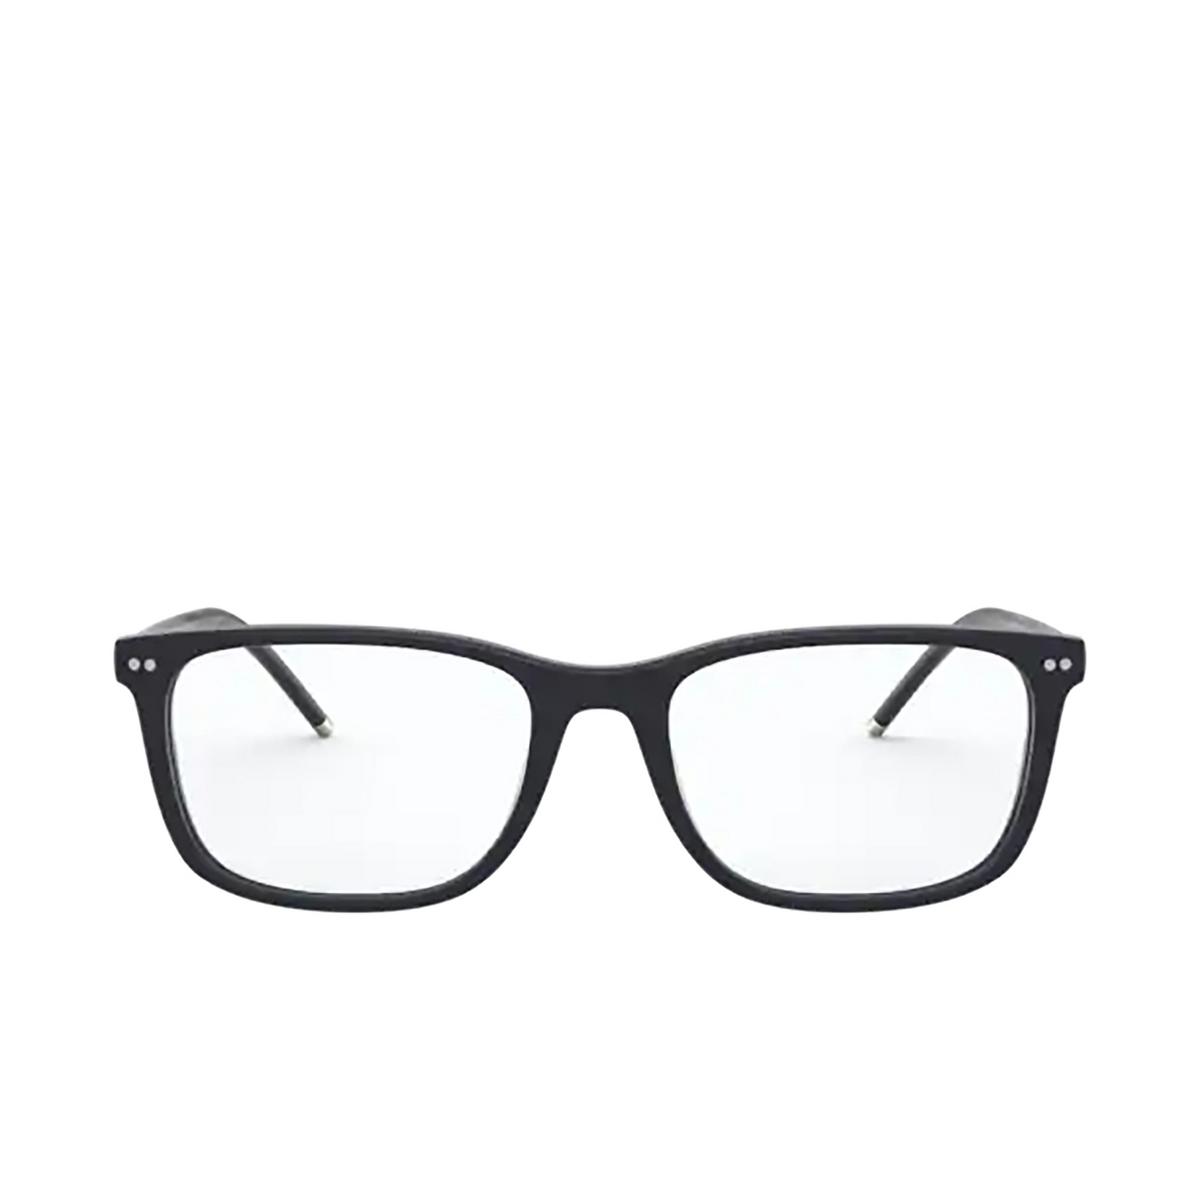 Polo Ralph Lauren® Square Eyeglasses: PH2224 color Matte Navy Blue 5521.